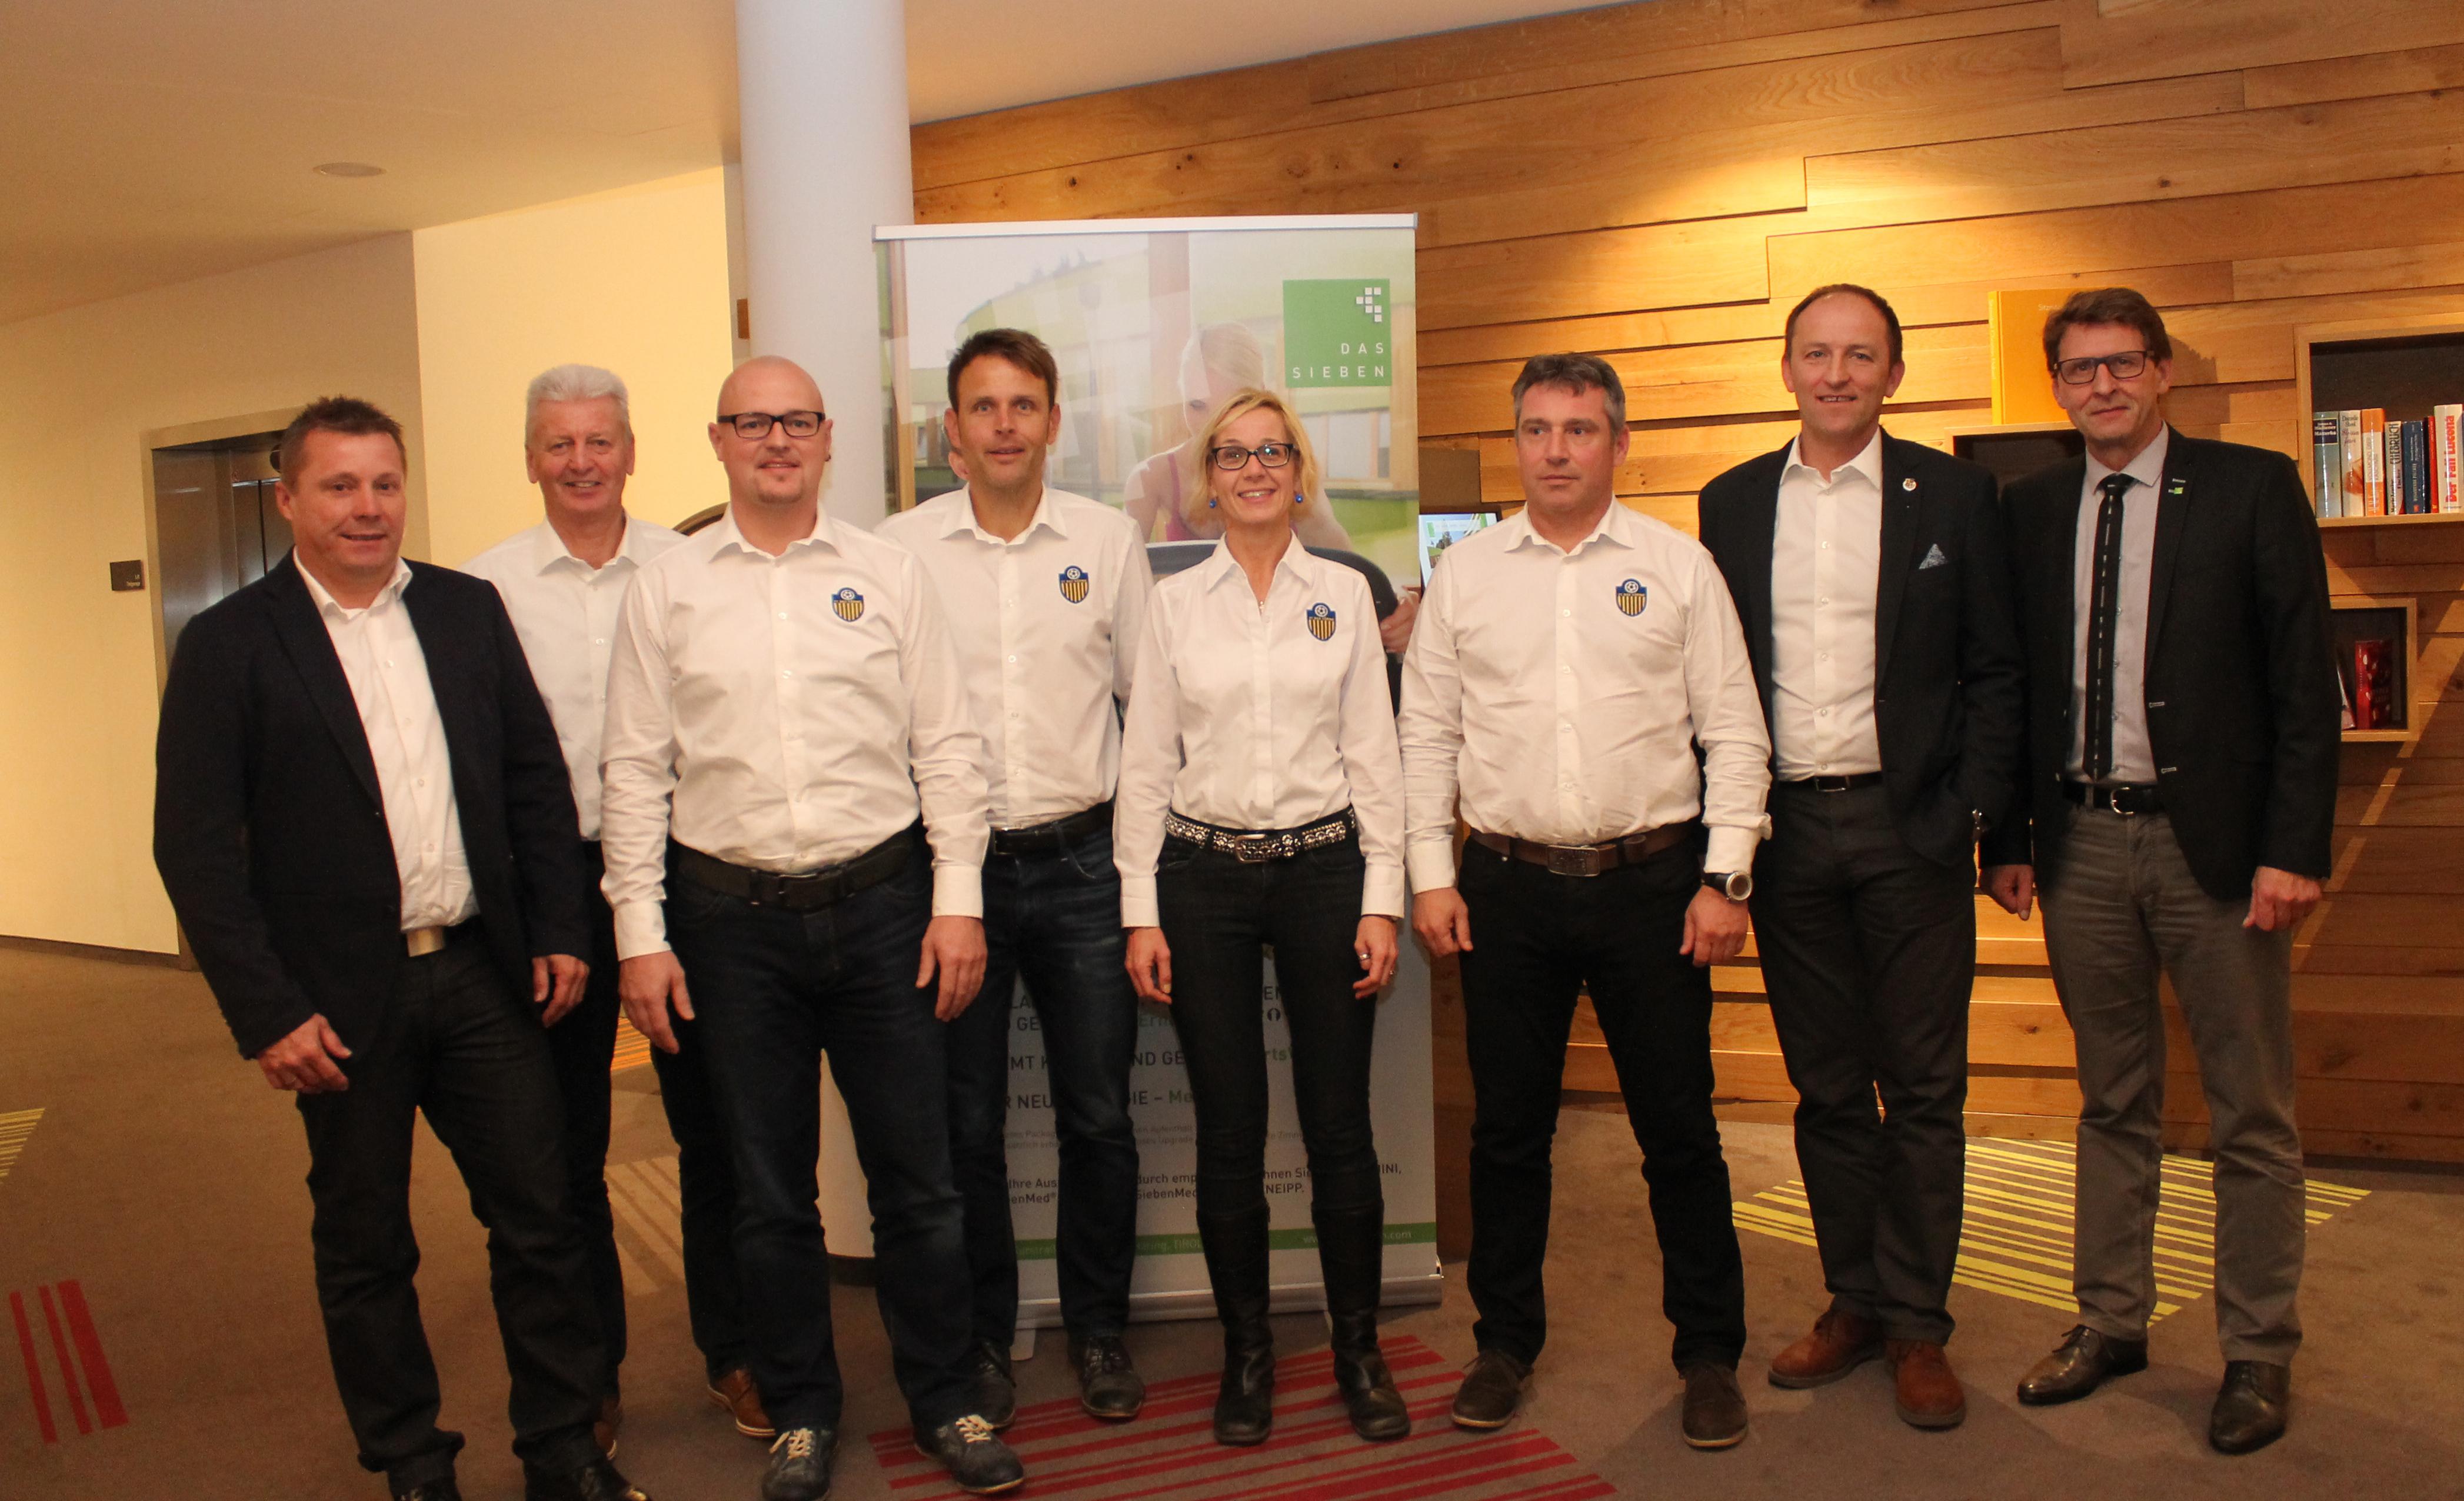 FC Bad Häring lud zur Generalversammlung mit Neuwahlen